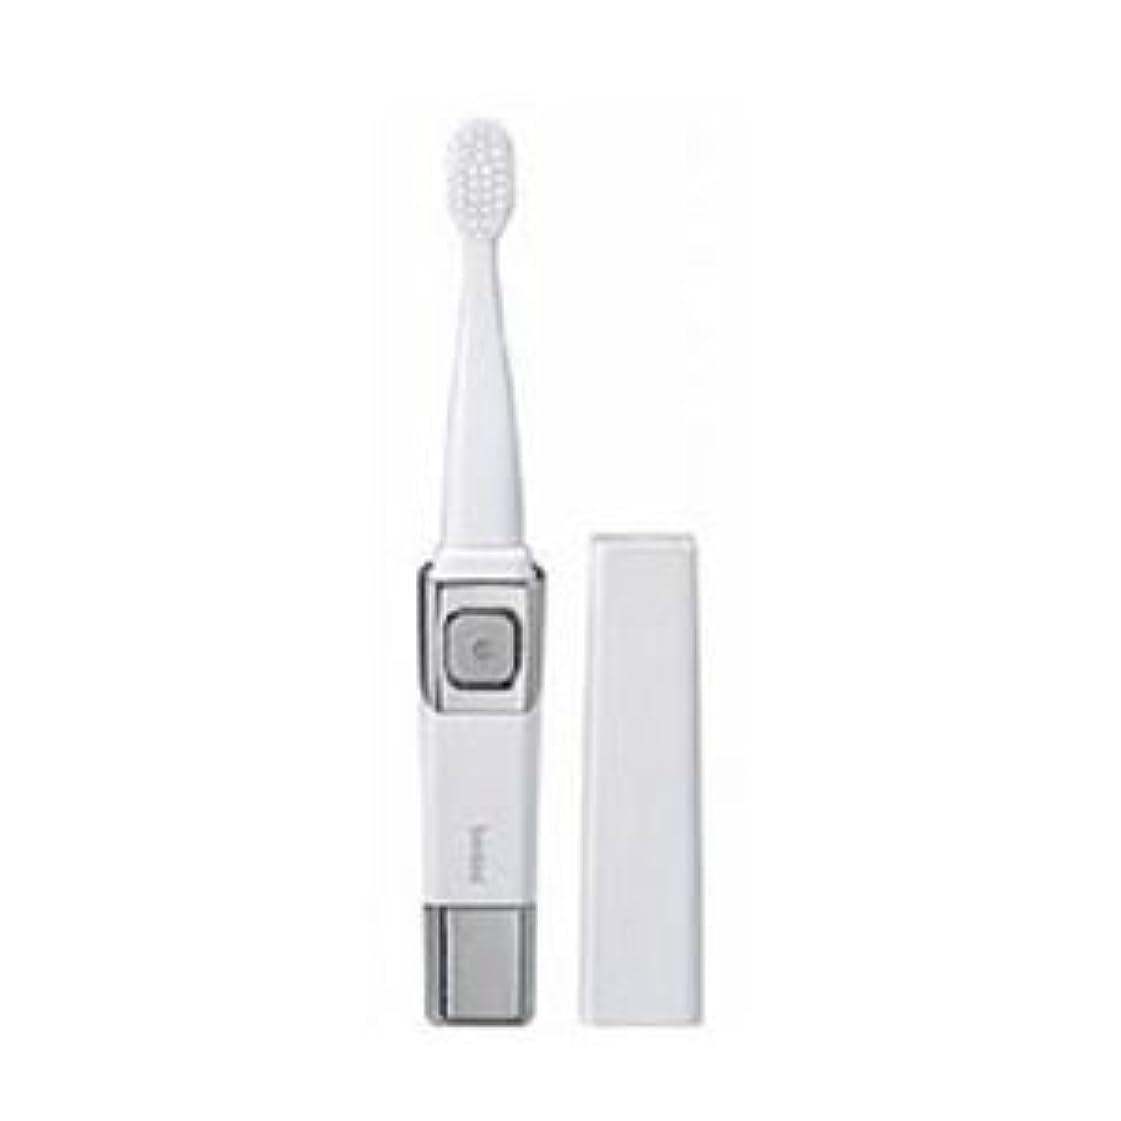 教育者除外する夜明けに(まとめ)ツインバード 音波振動歯ブラシ パールホワイト BD-2755PW【×3セット】